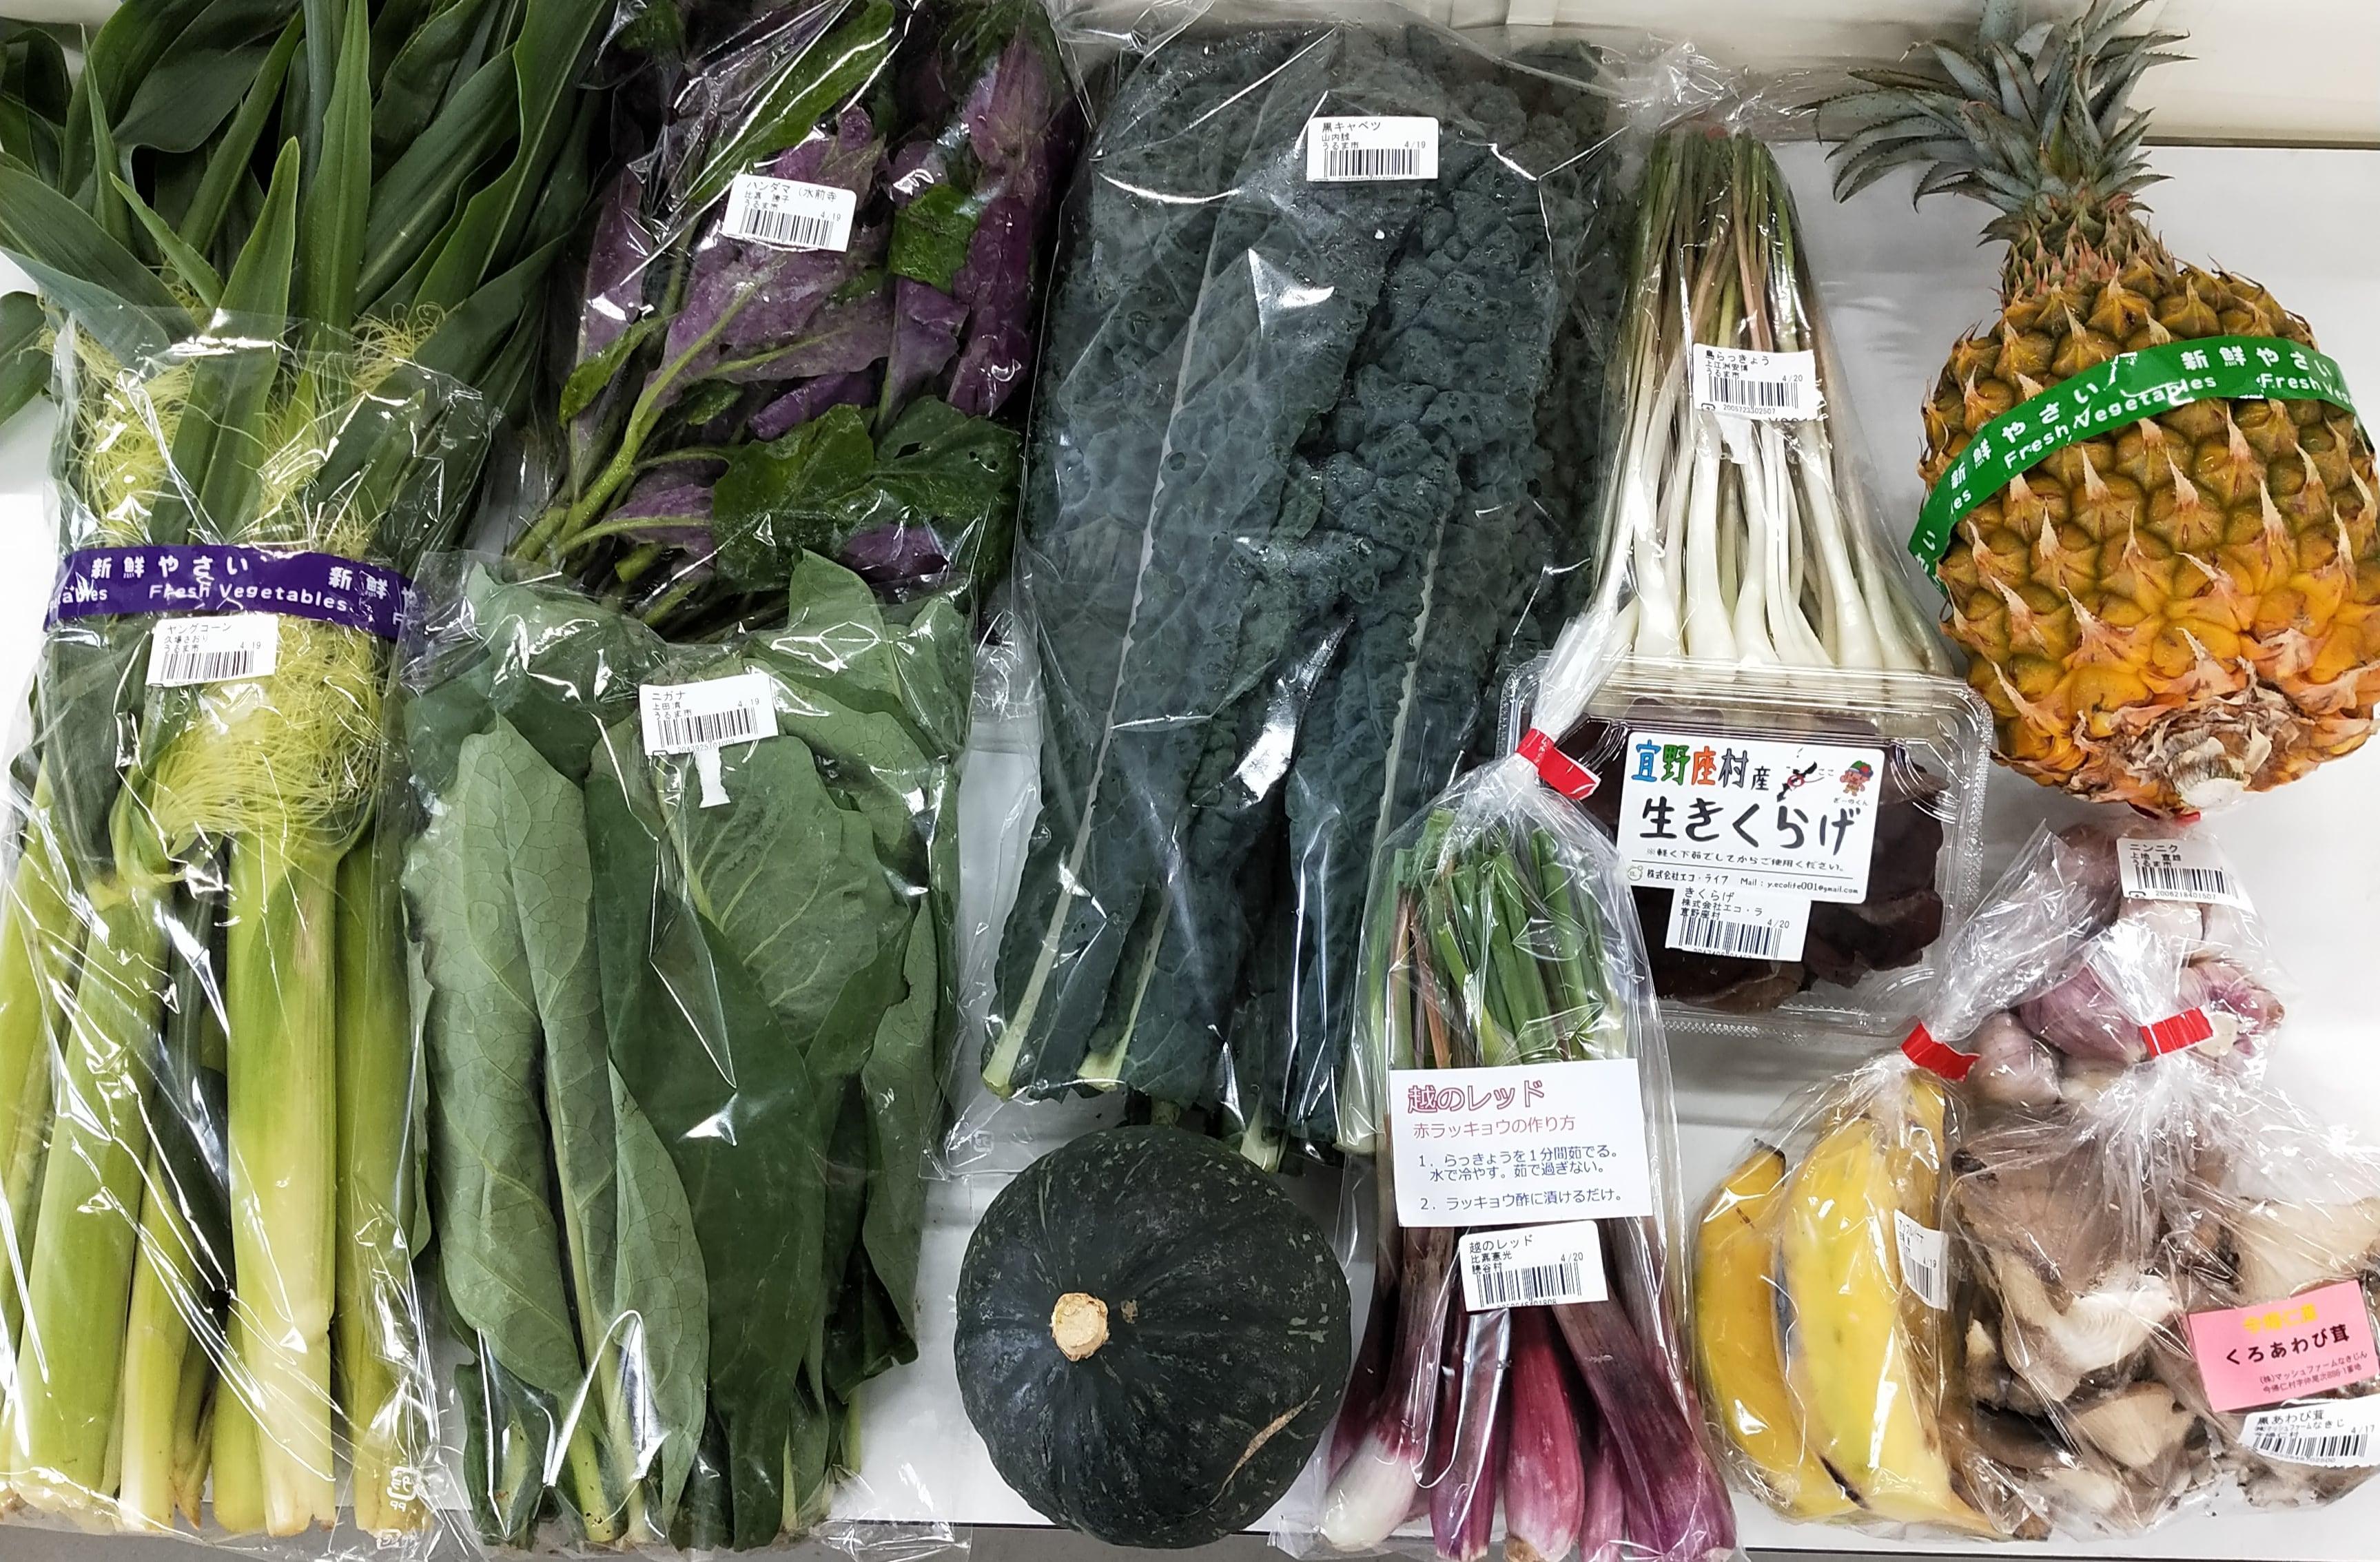 野菜セット|うるマルシェ通販|ネットスーパー|野菜セット|直売所